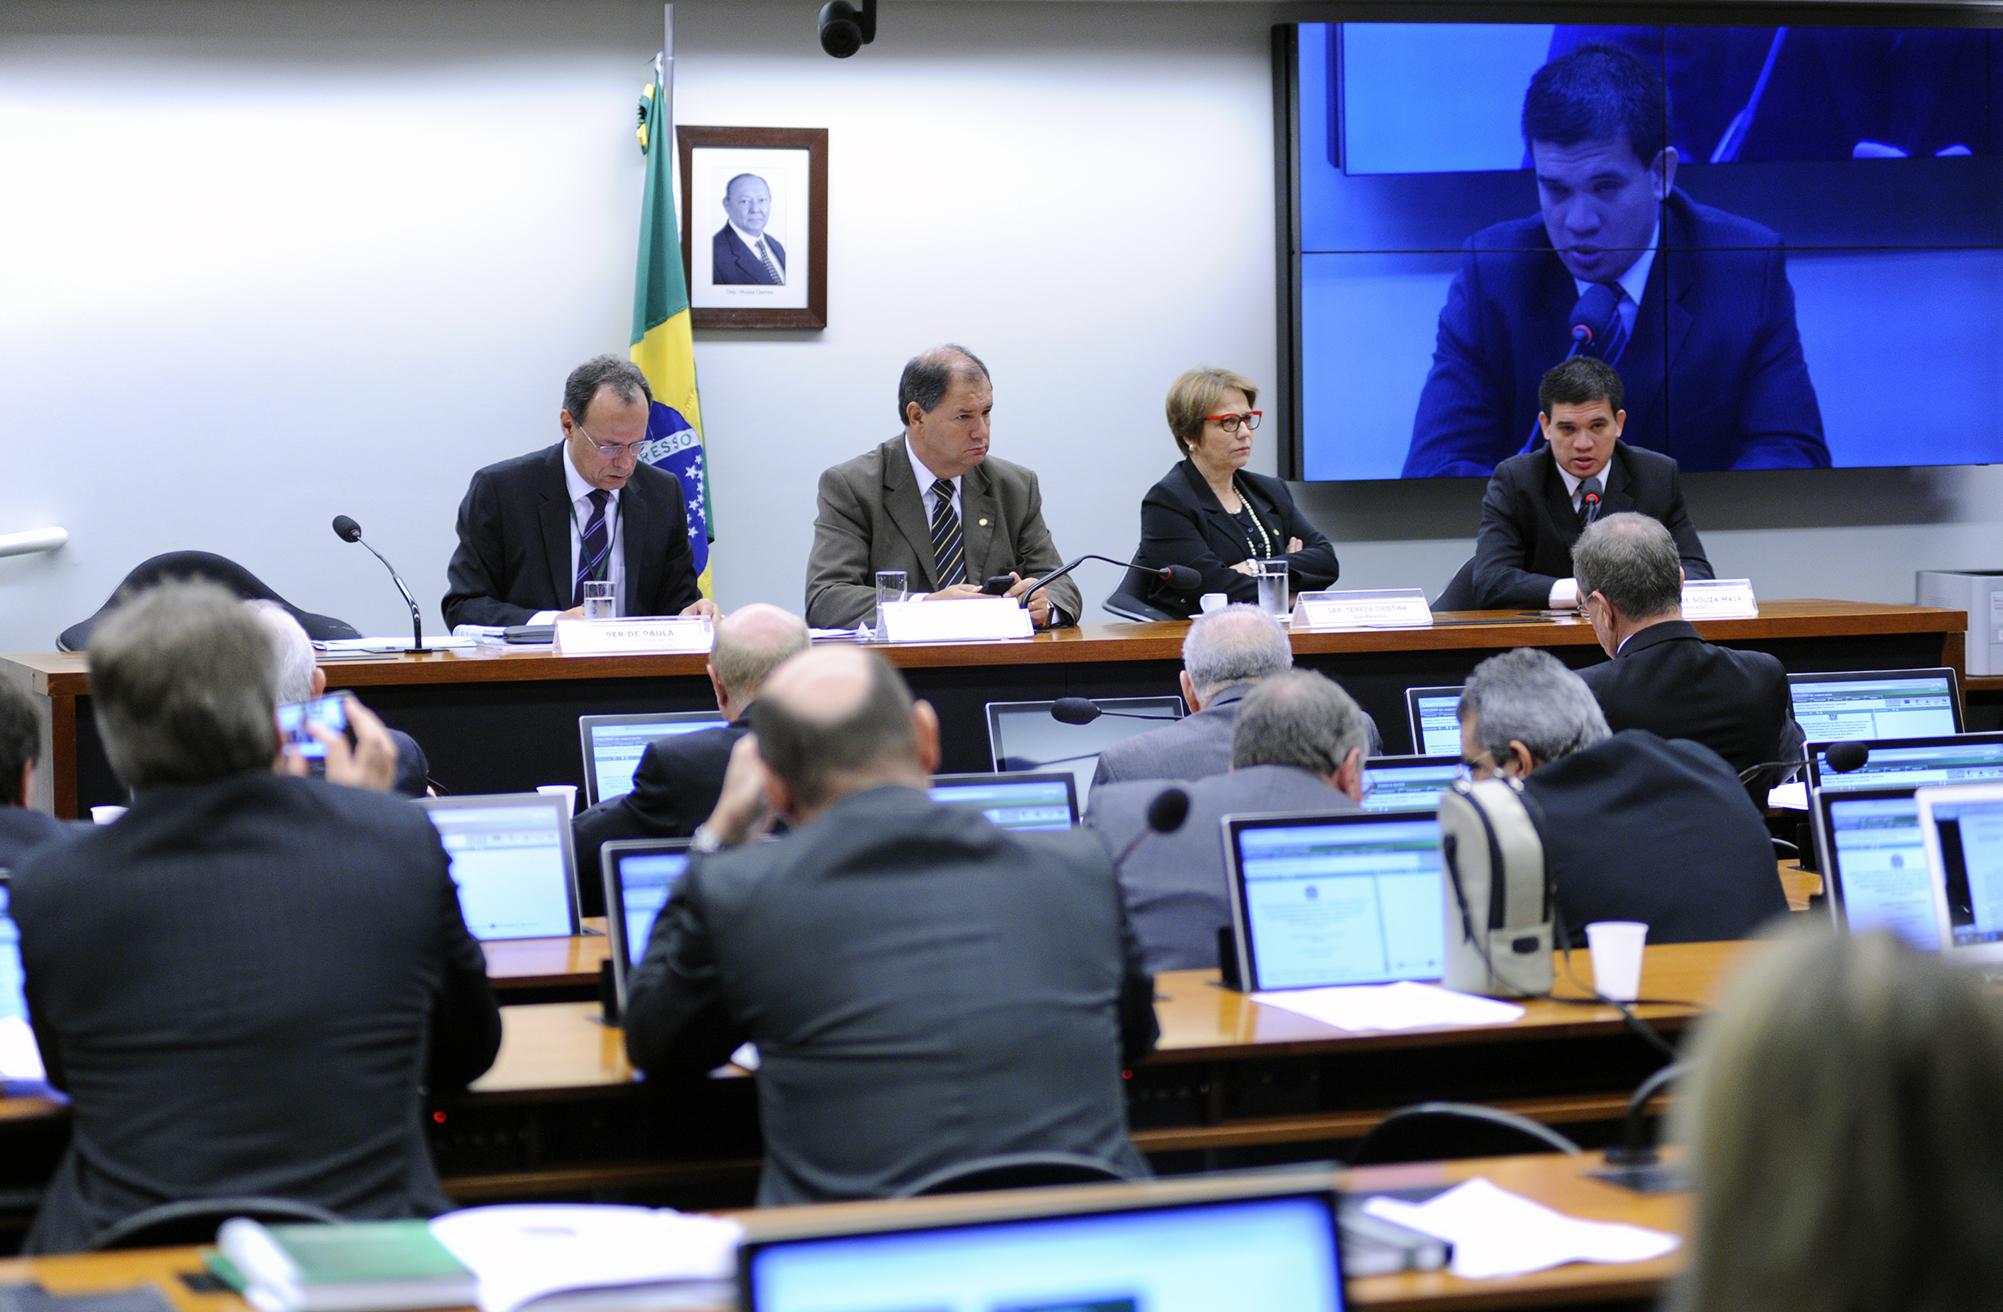 Audiência Pública para tomada de depoimento do advogado Ubiratan de Souza